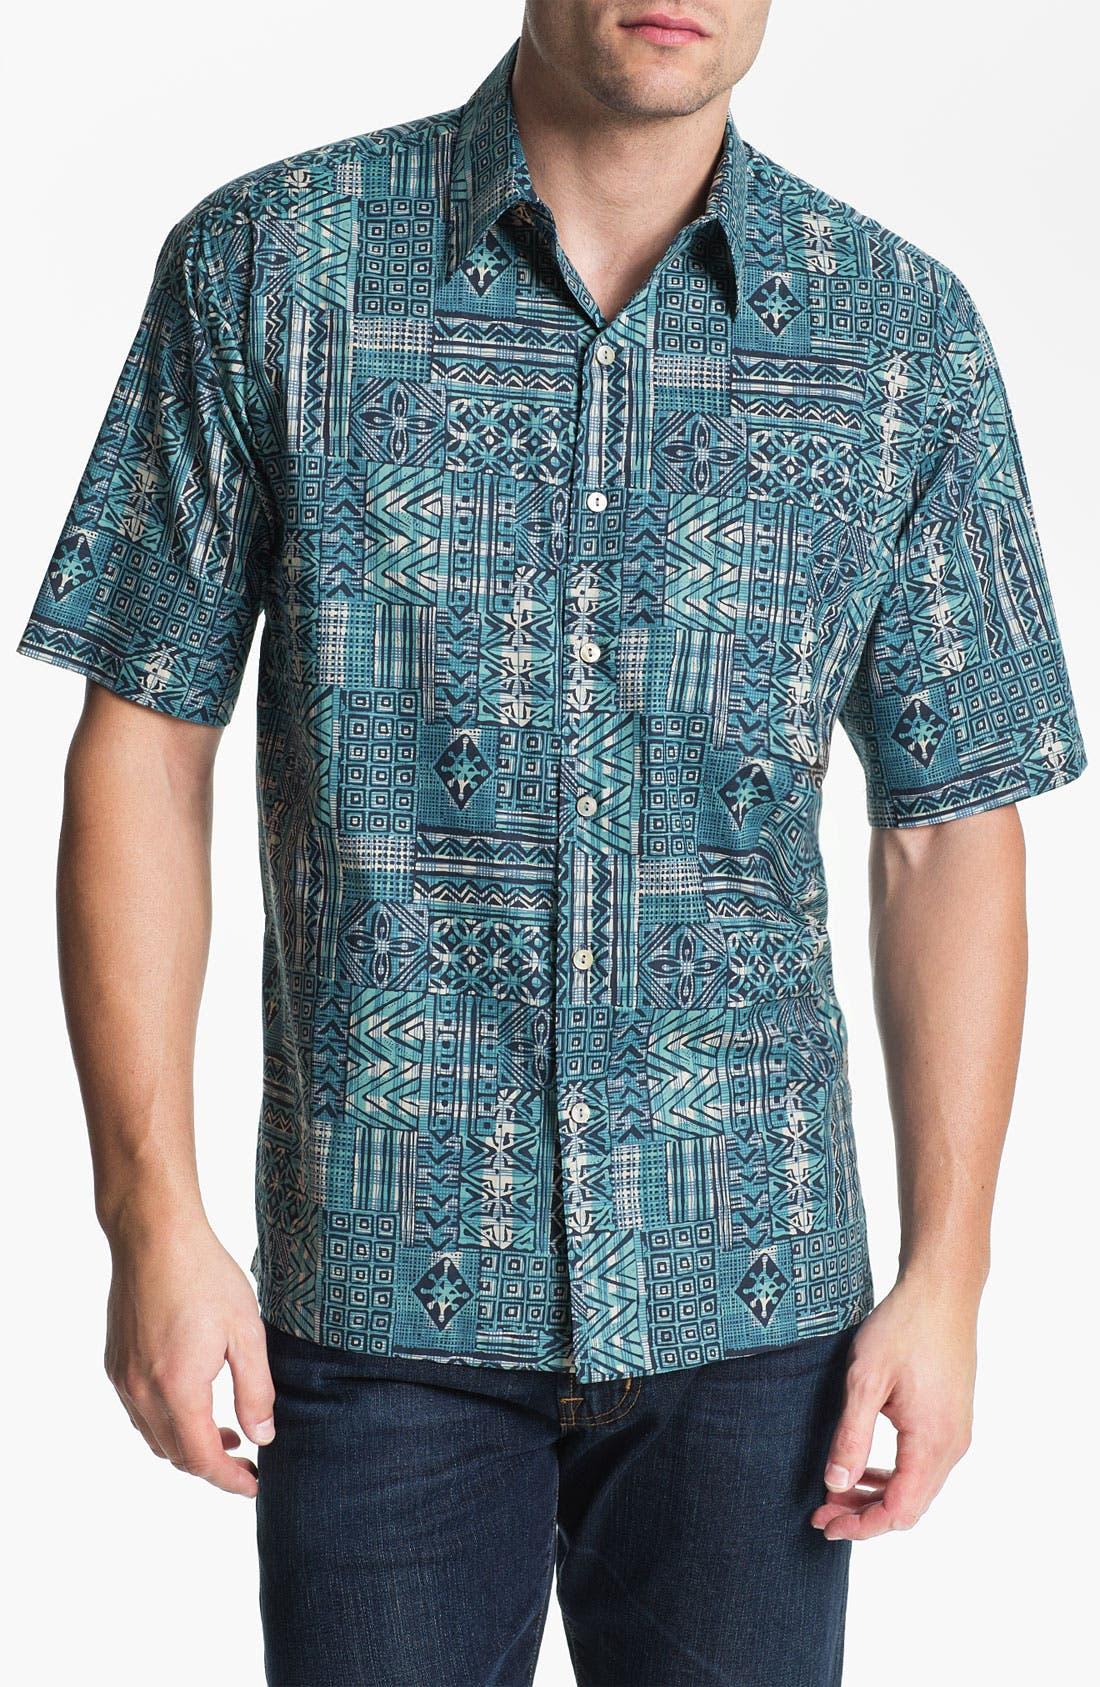 Alternate Image 1 Selected - Tori Richard 'Gridlock' Cotton Campshirt